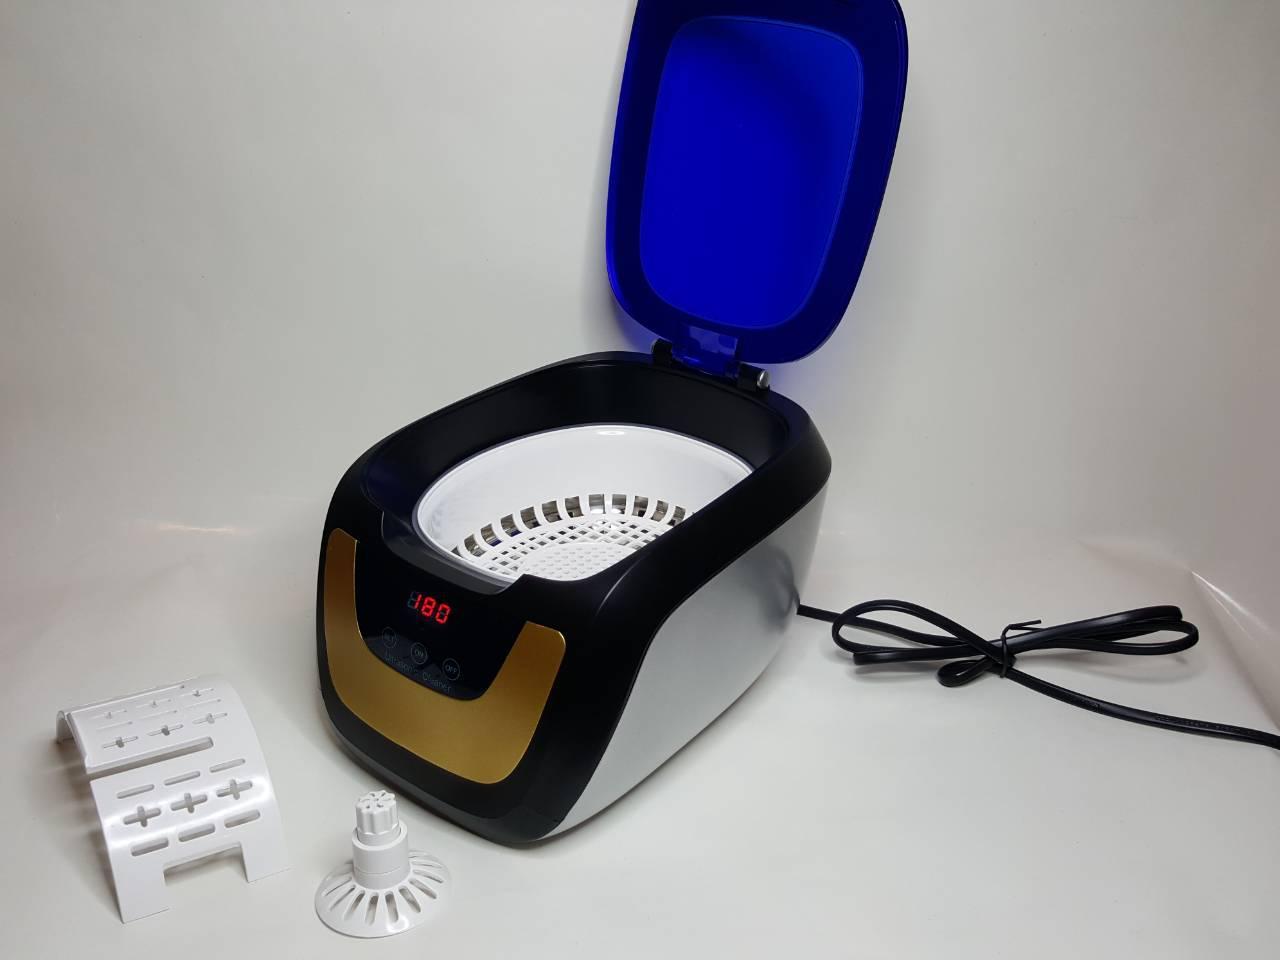 Ультразвуковая ванна Digital Ultrasonic Cleaner СЕ - 5700А (50 Вт)